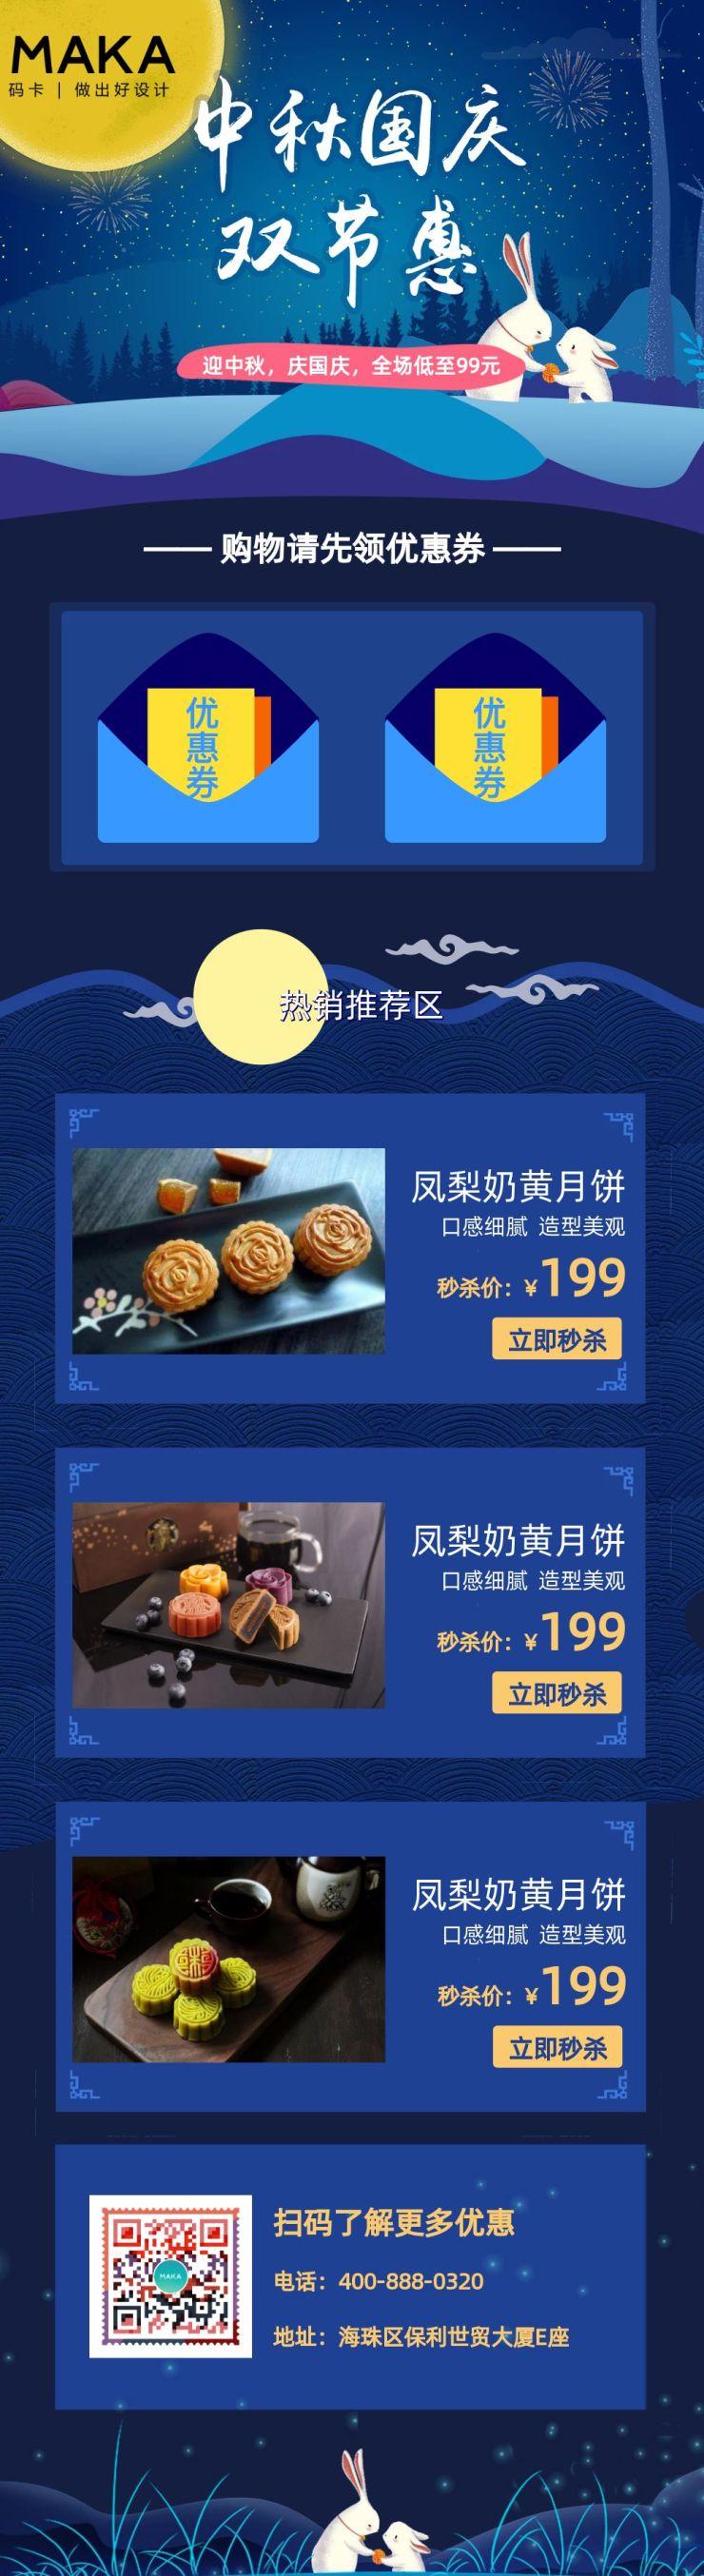 蓝色简约中秋国庆双节惠宣传文章长图